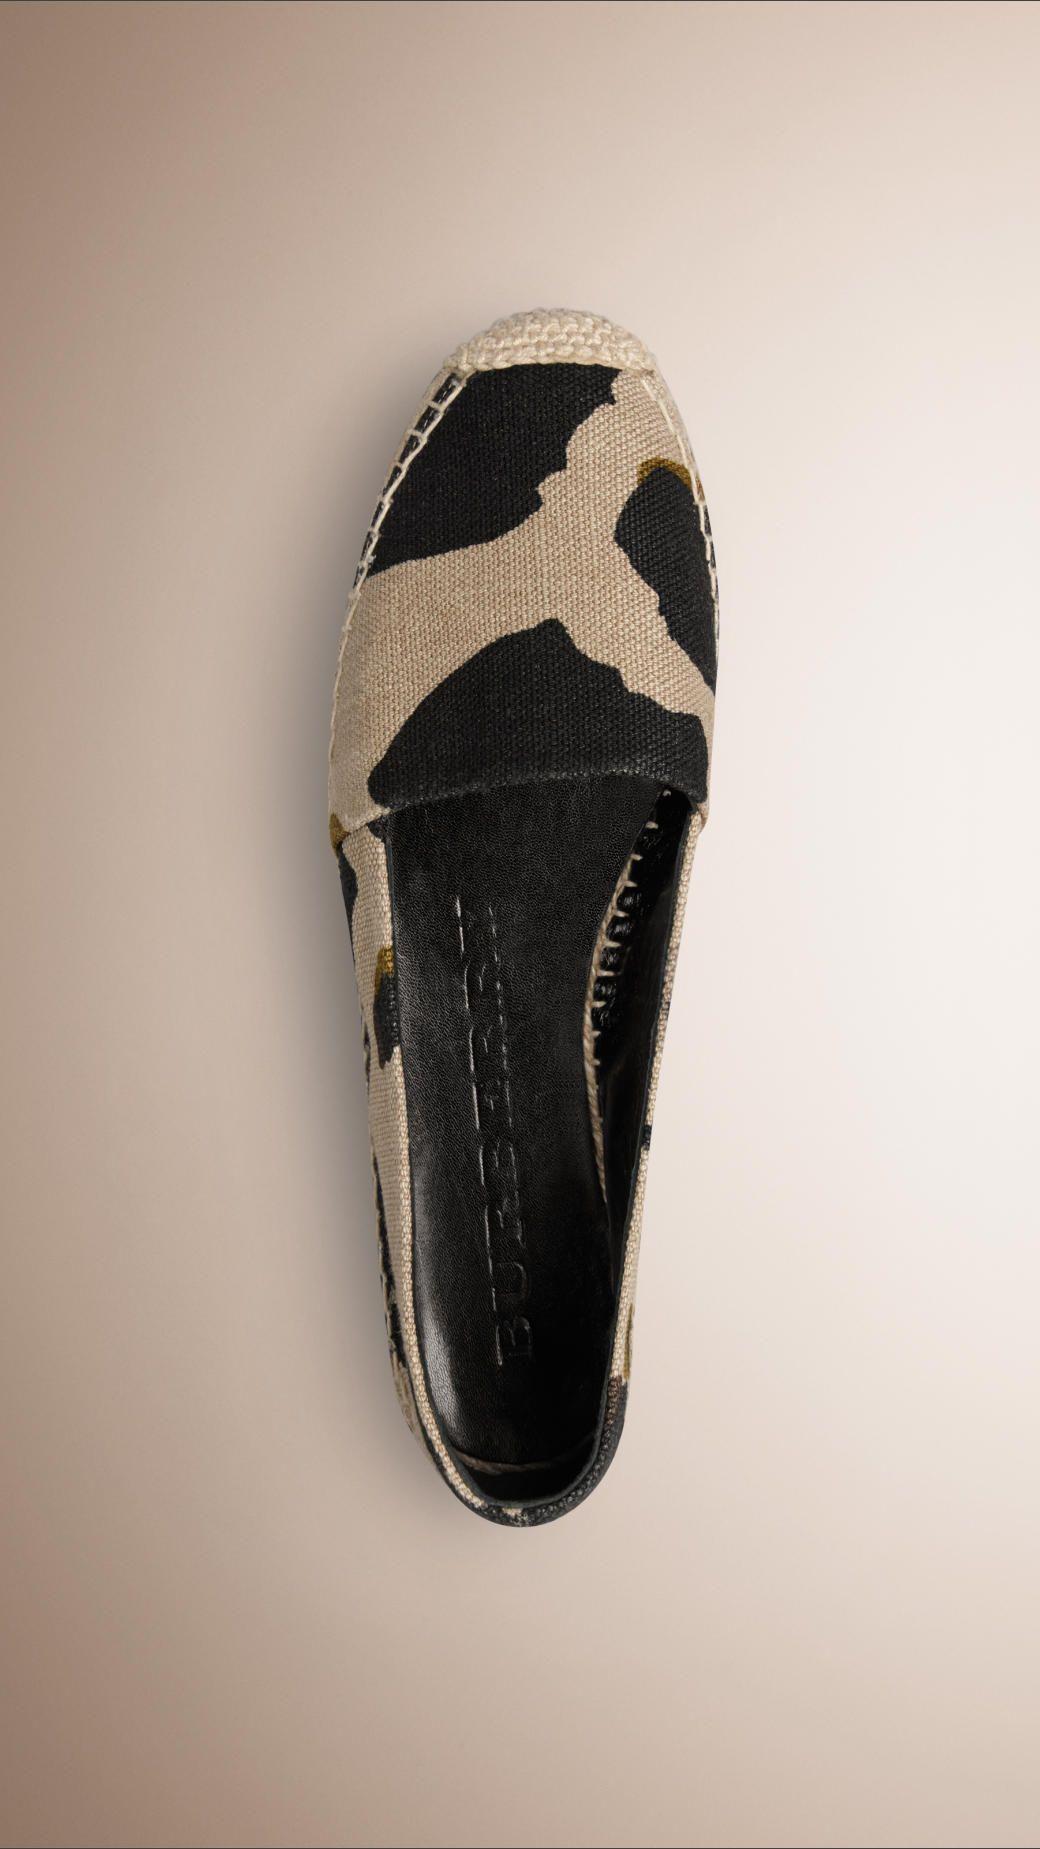 c6c7a86564ef Chaussures pour femme   Burberry in 2018   SHHuut !.. Let s go ...